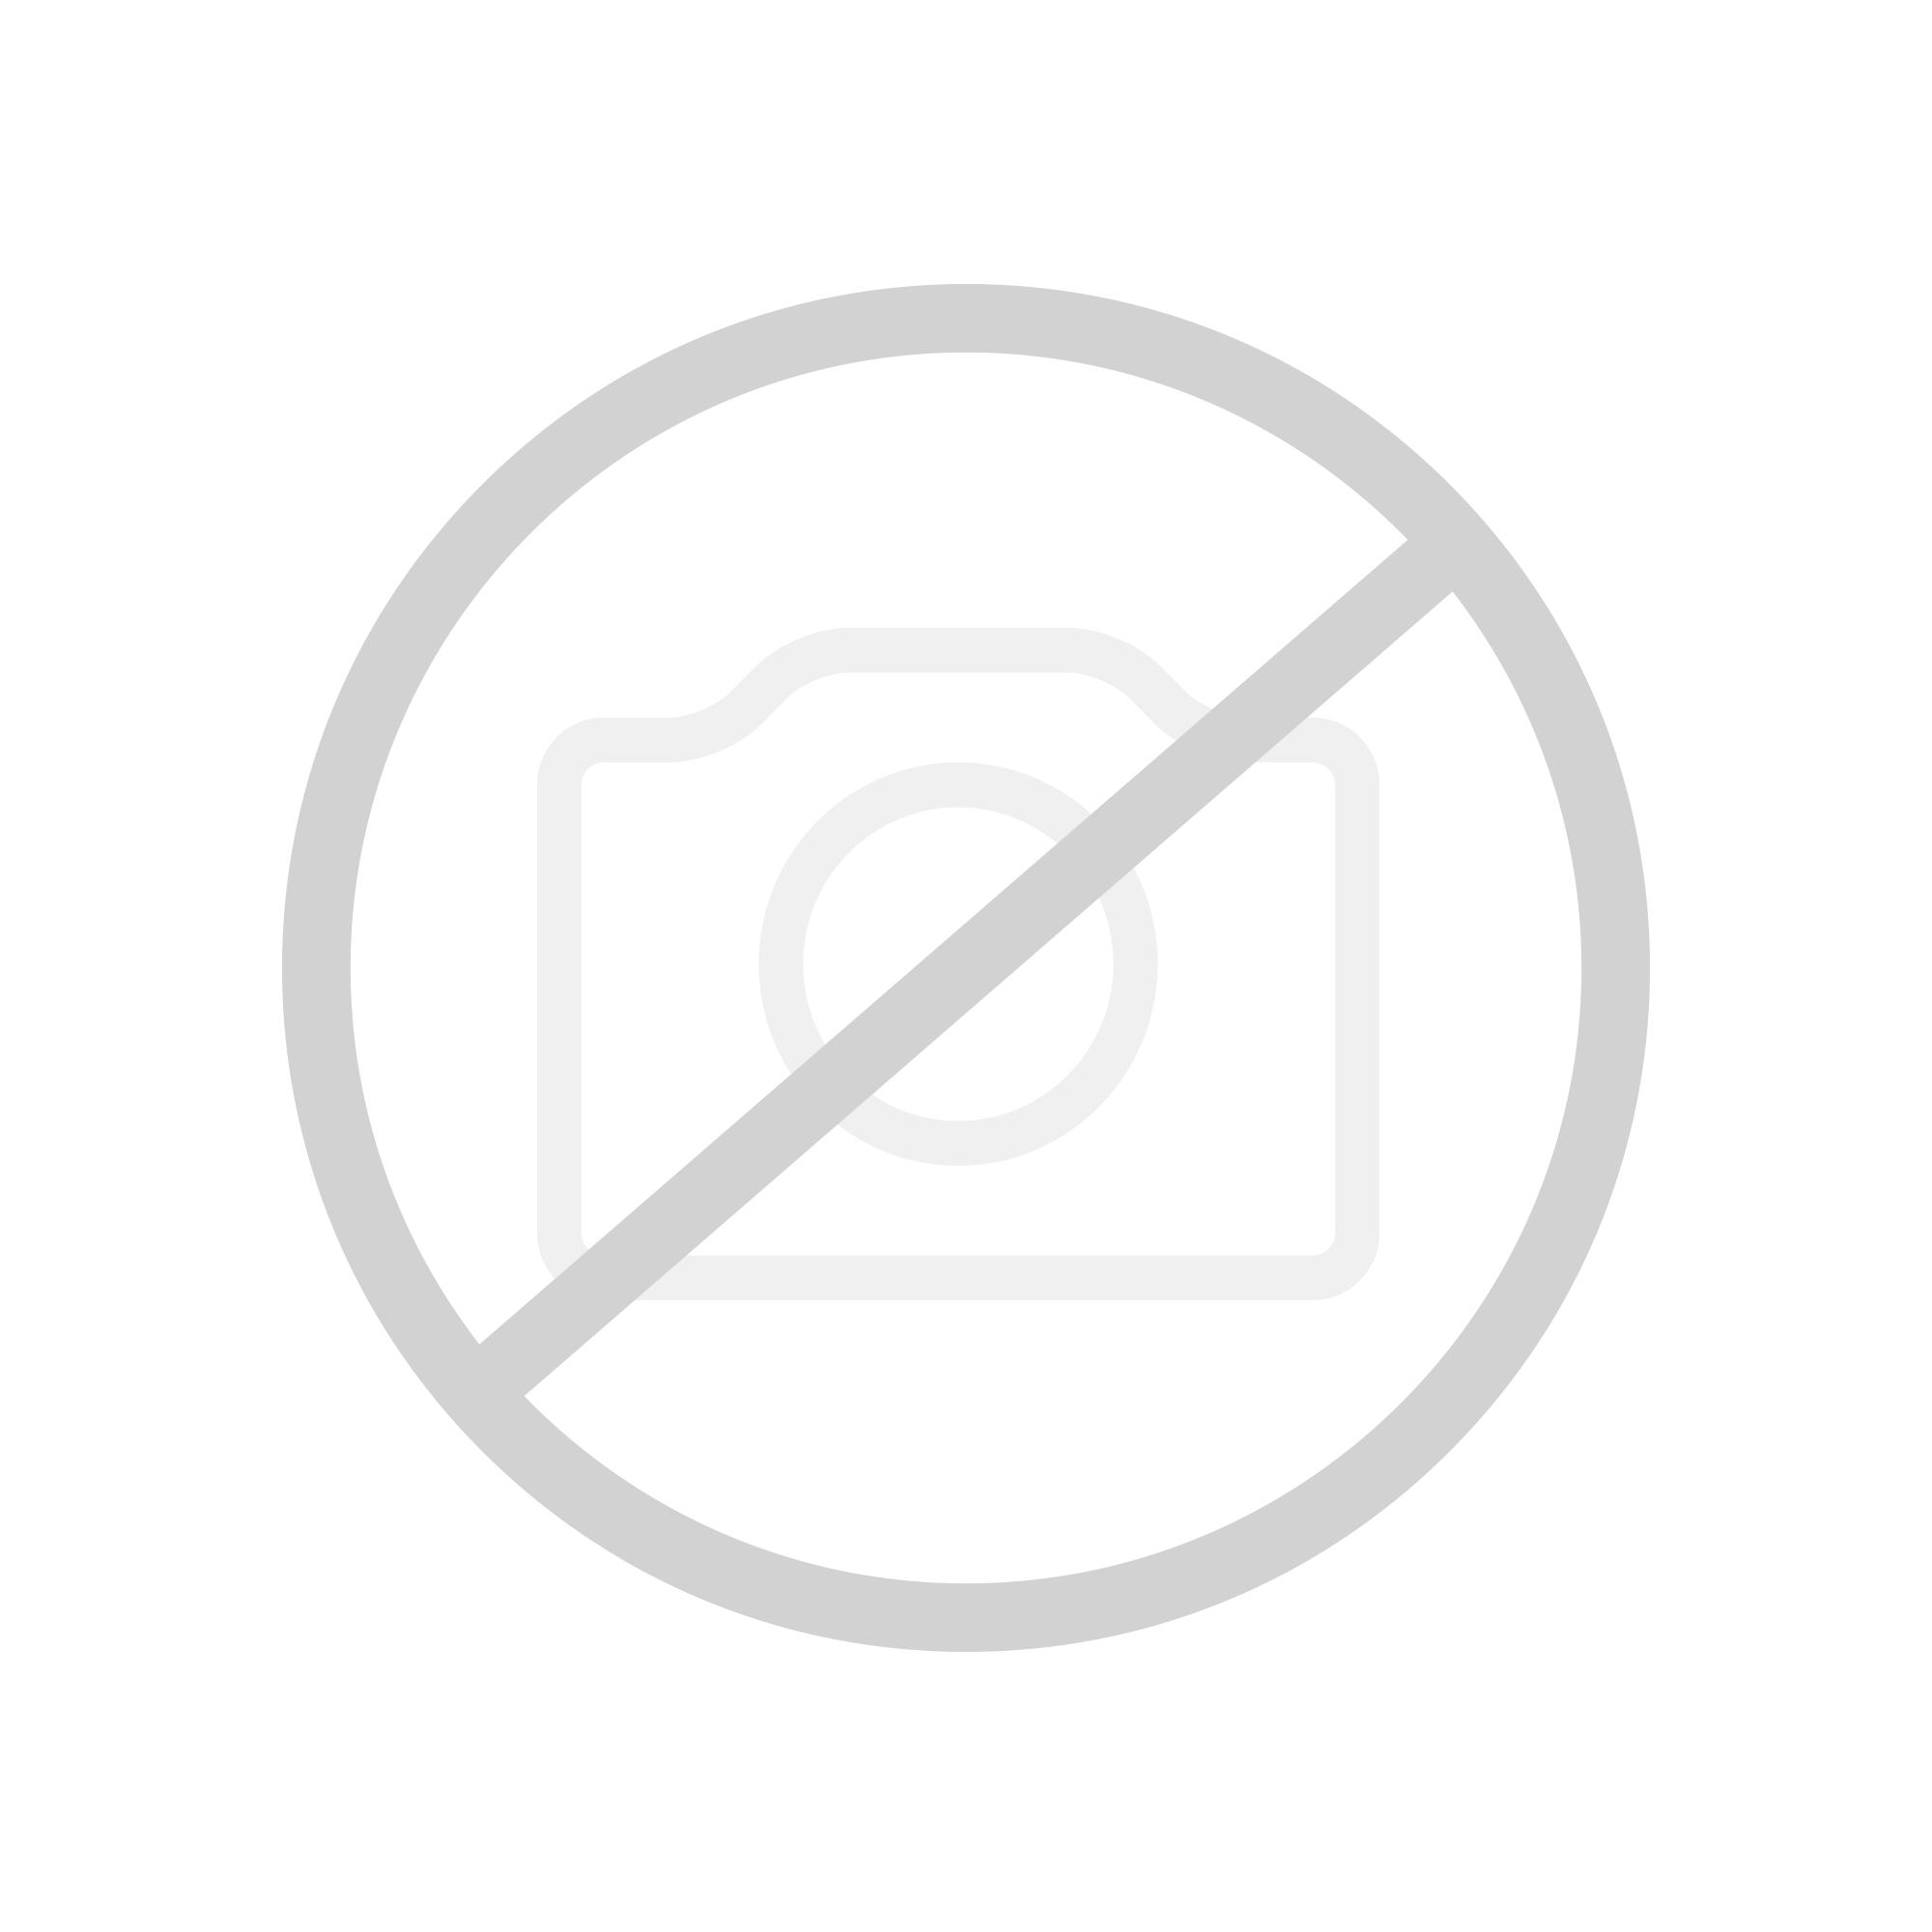 Geberit Duofix Element für Wand-WC, 82 cm mit Omega UP-Spülkasten